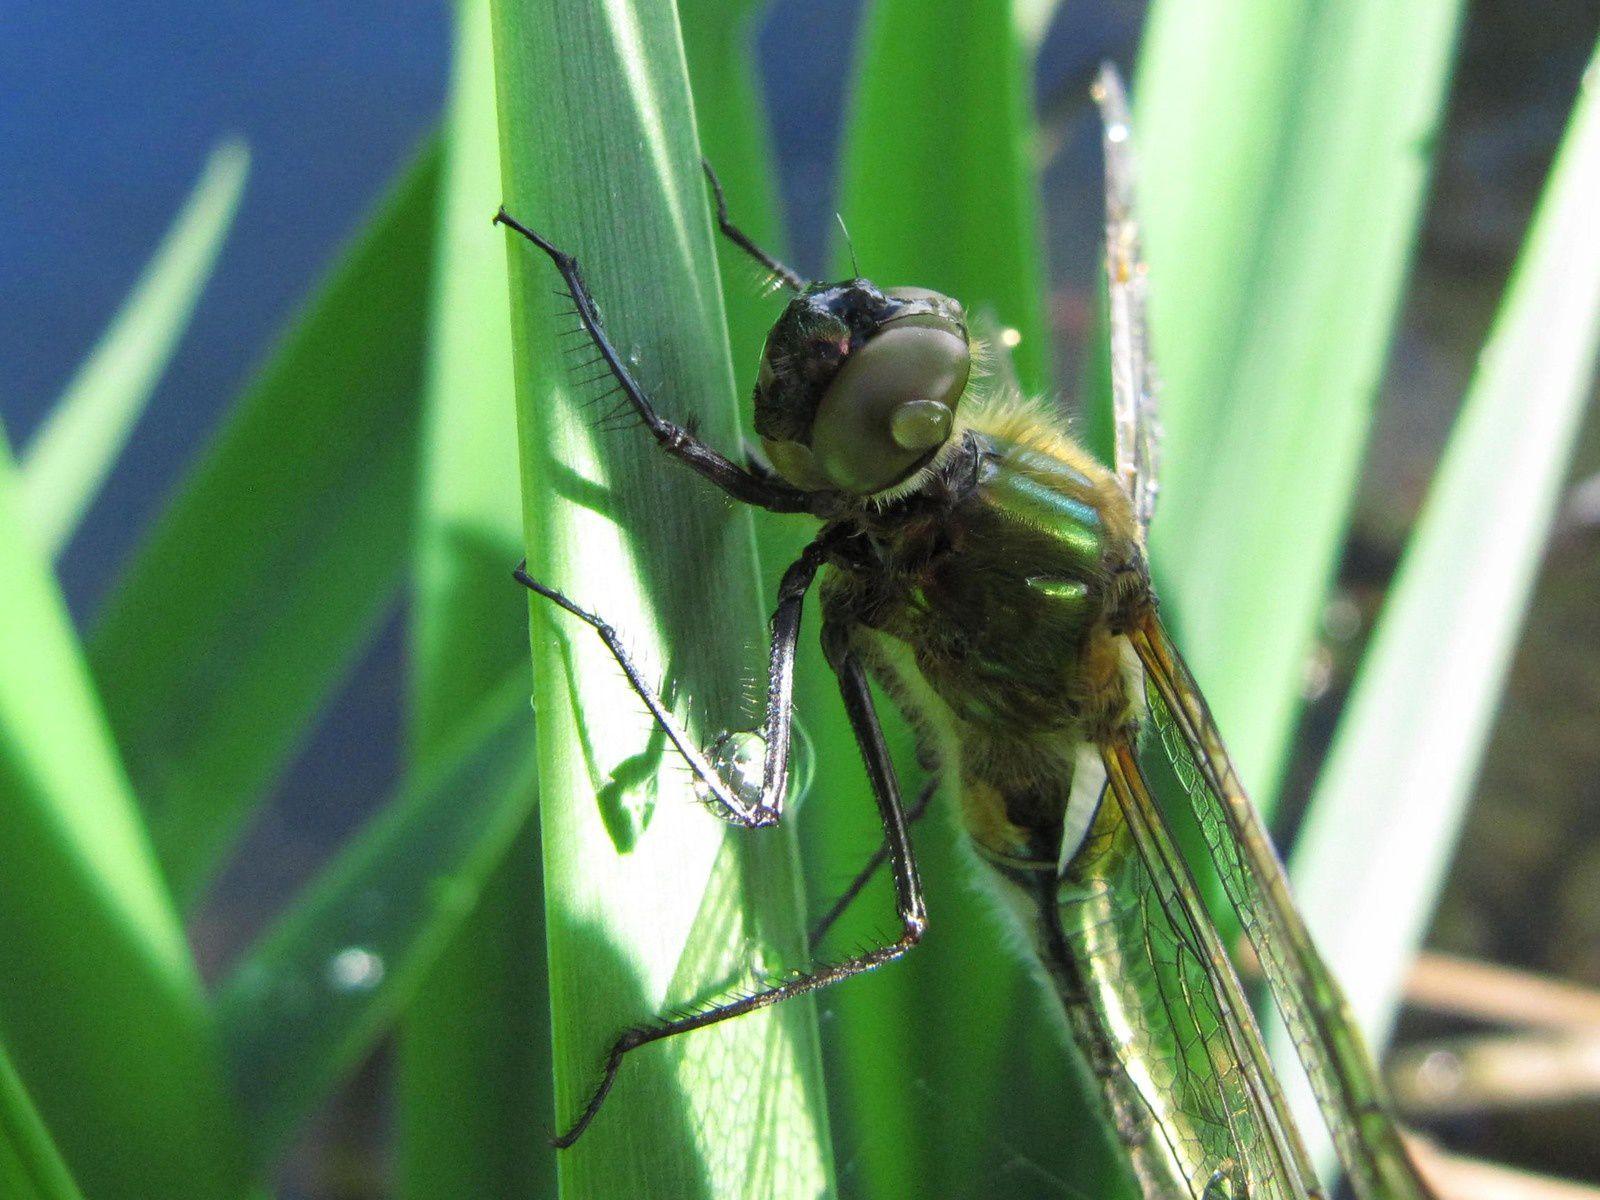 Les ailes encore quelque peu fripées, elle ne cherche pas à s'envoler devant mon objectif, elle a tant de choses à découvrir!